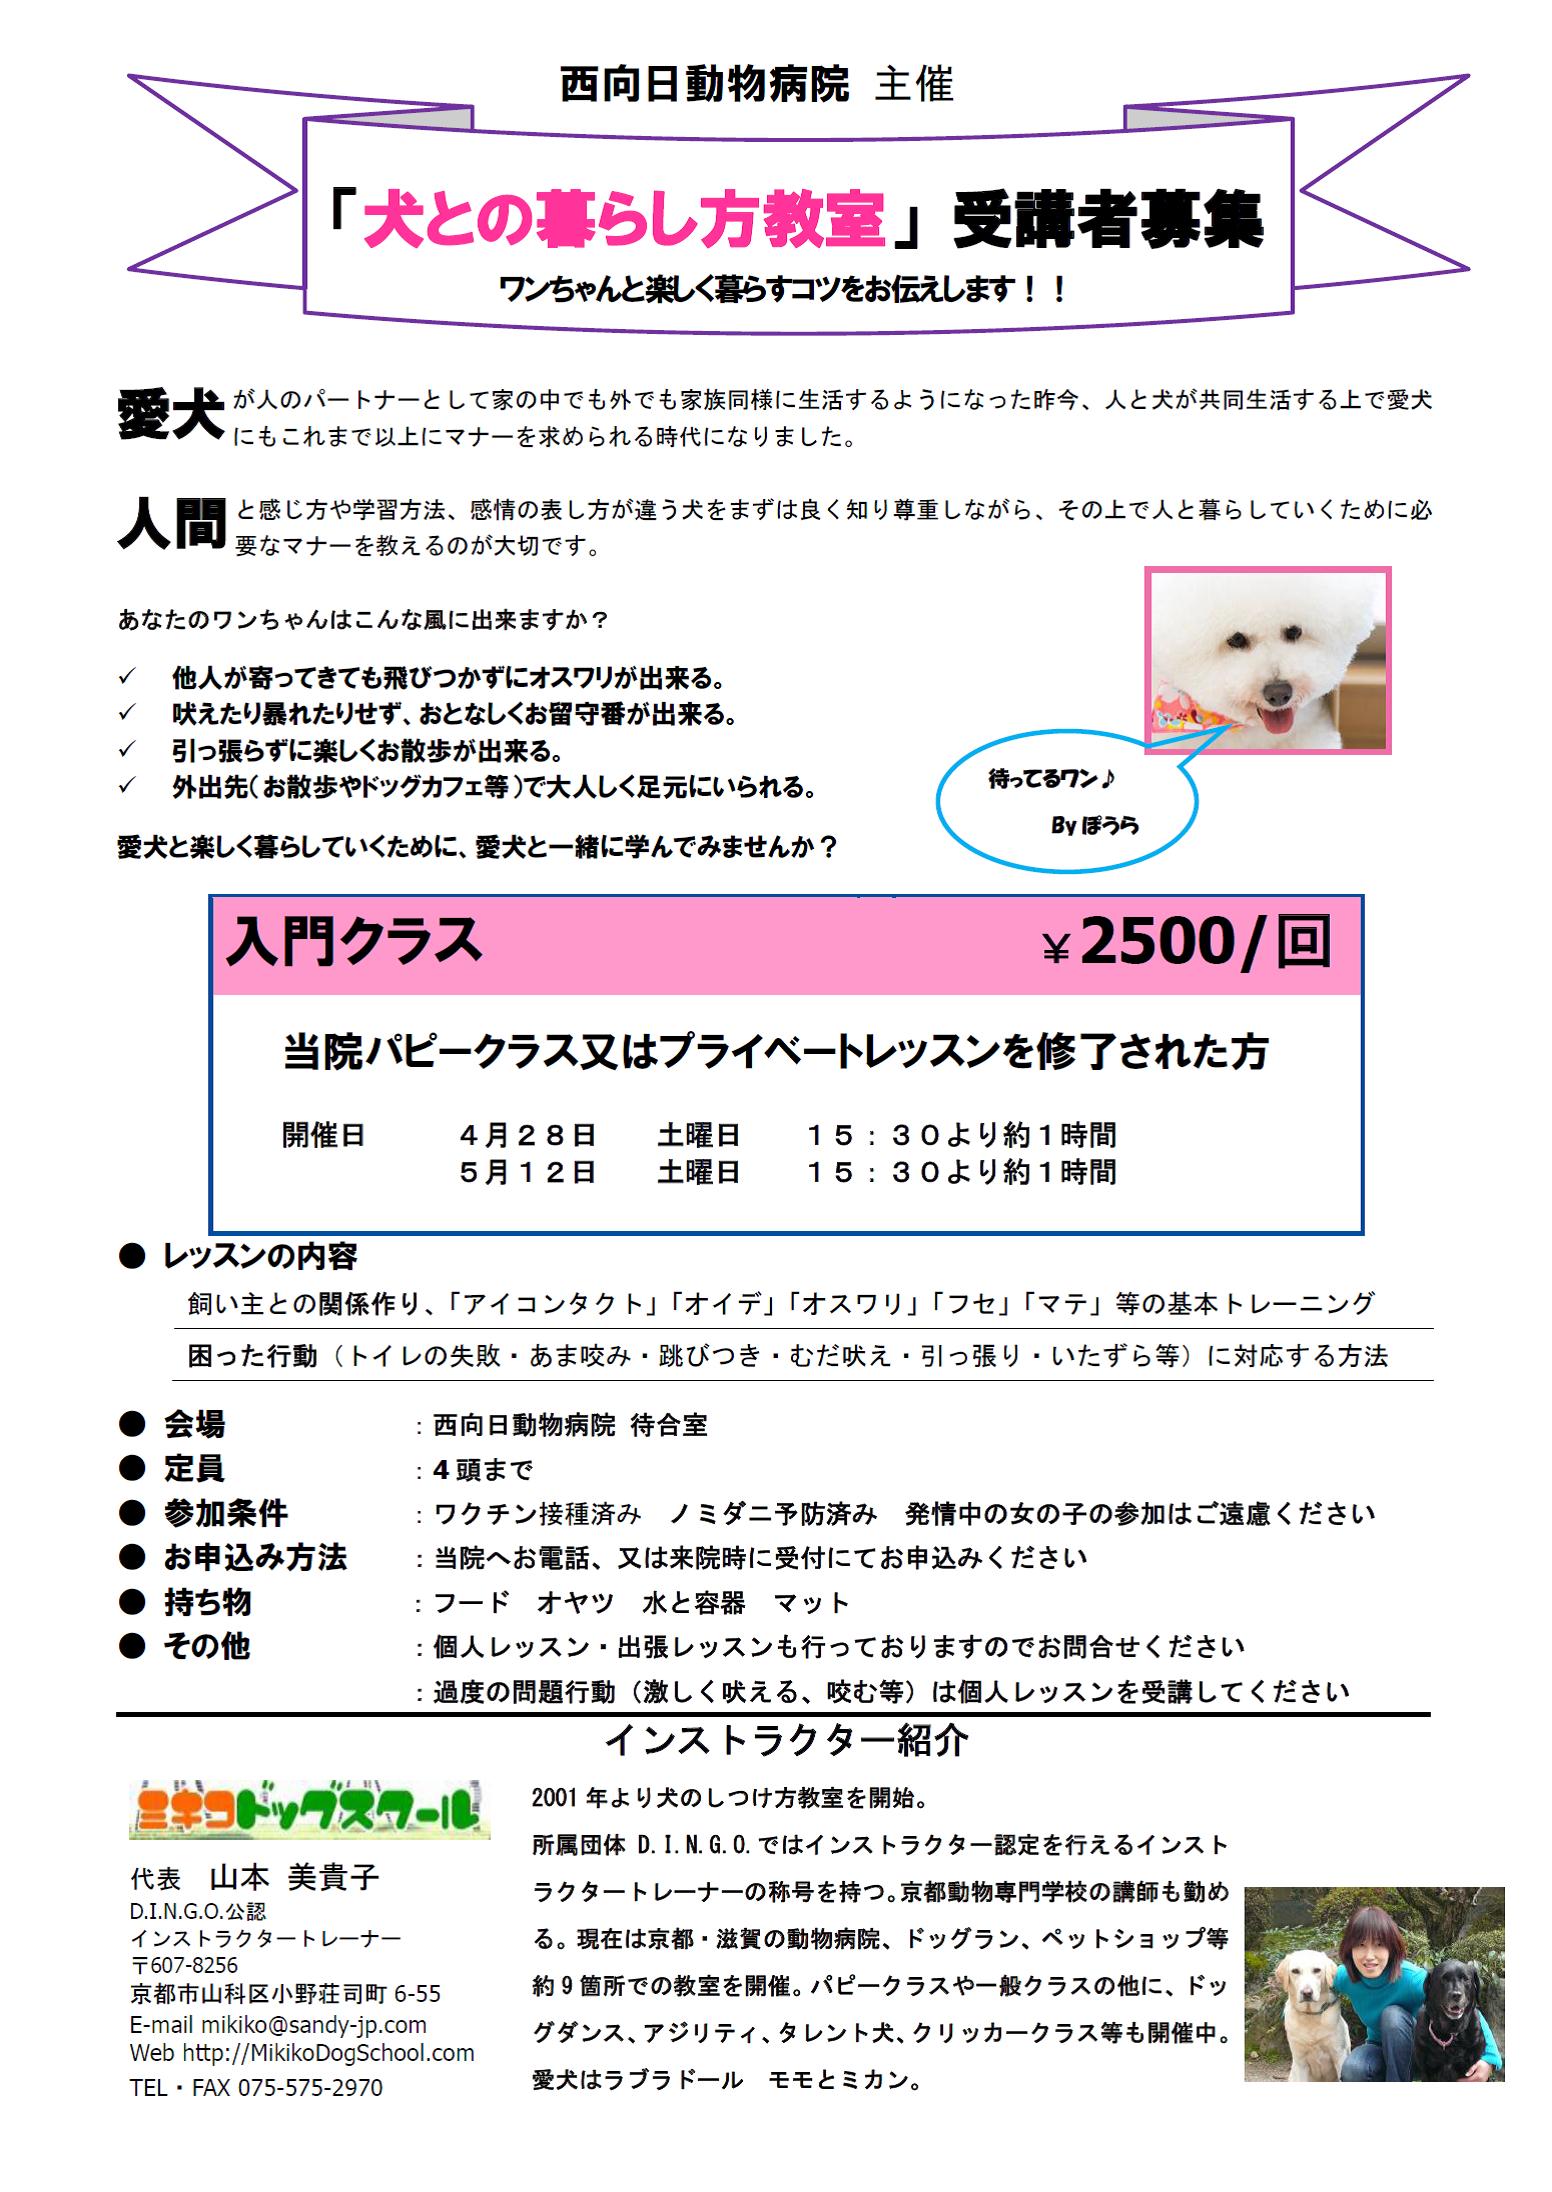 inutonokurashi180405